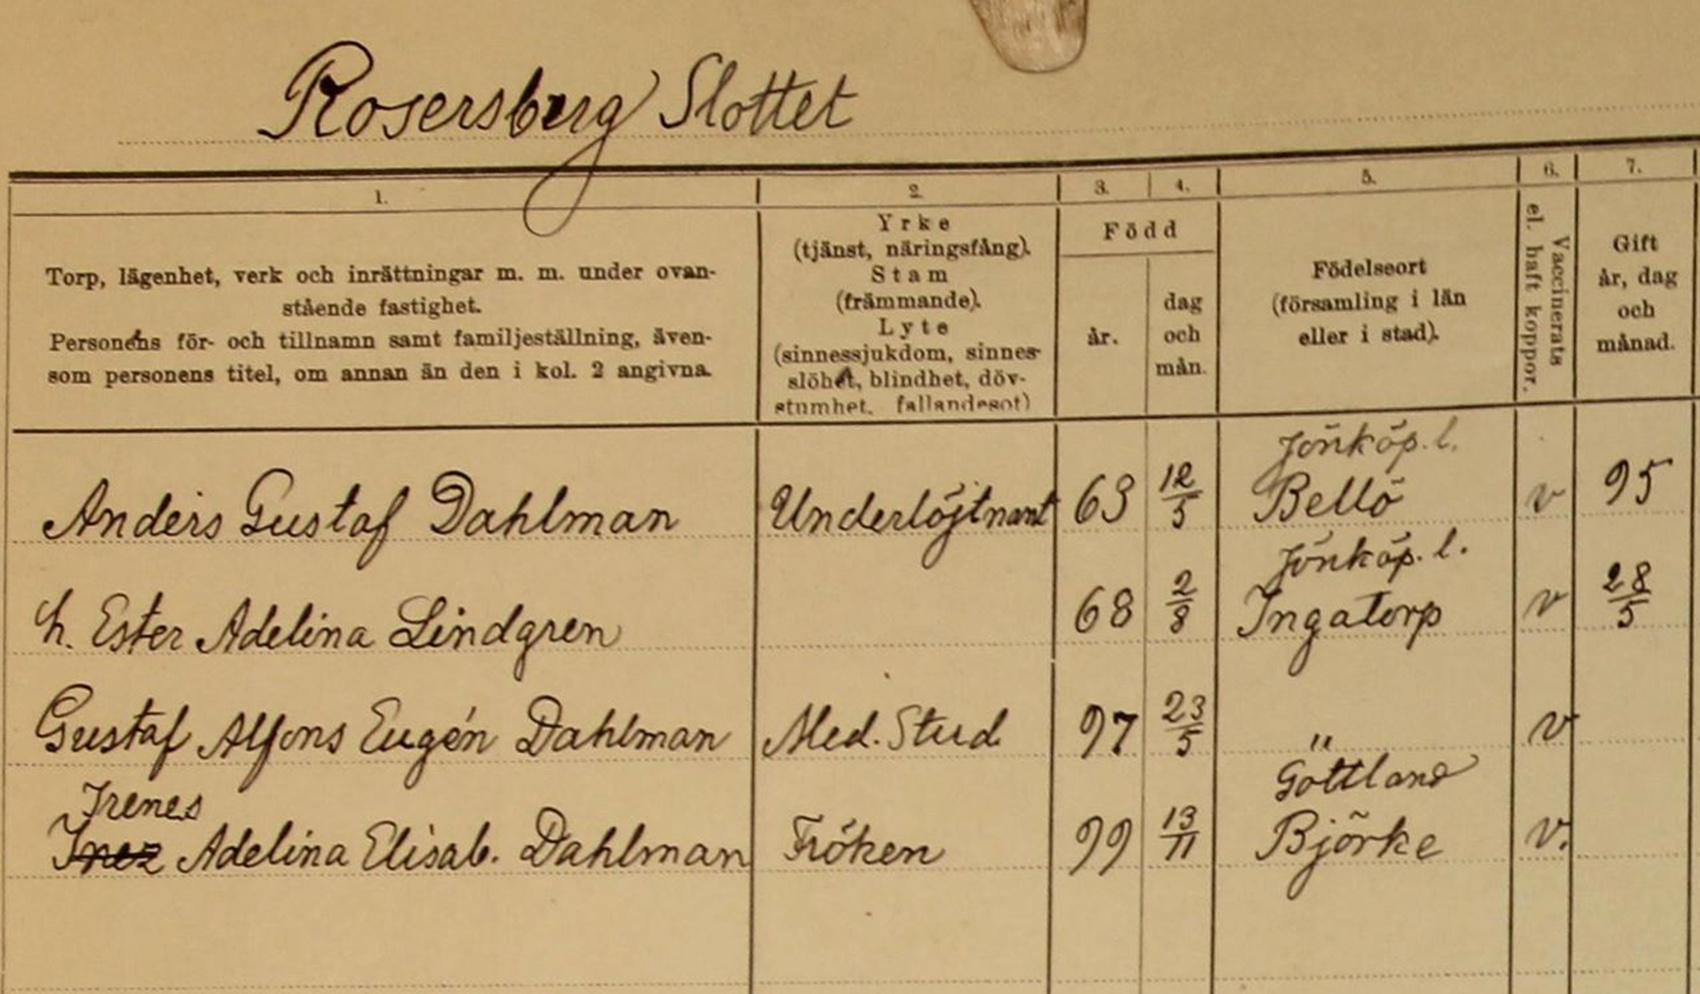 Församlingsbok Rosersbergs slott ArkivDigital